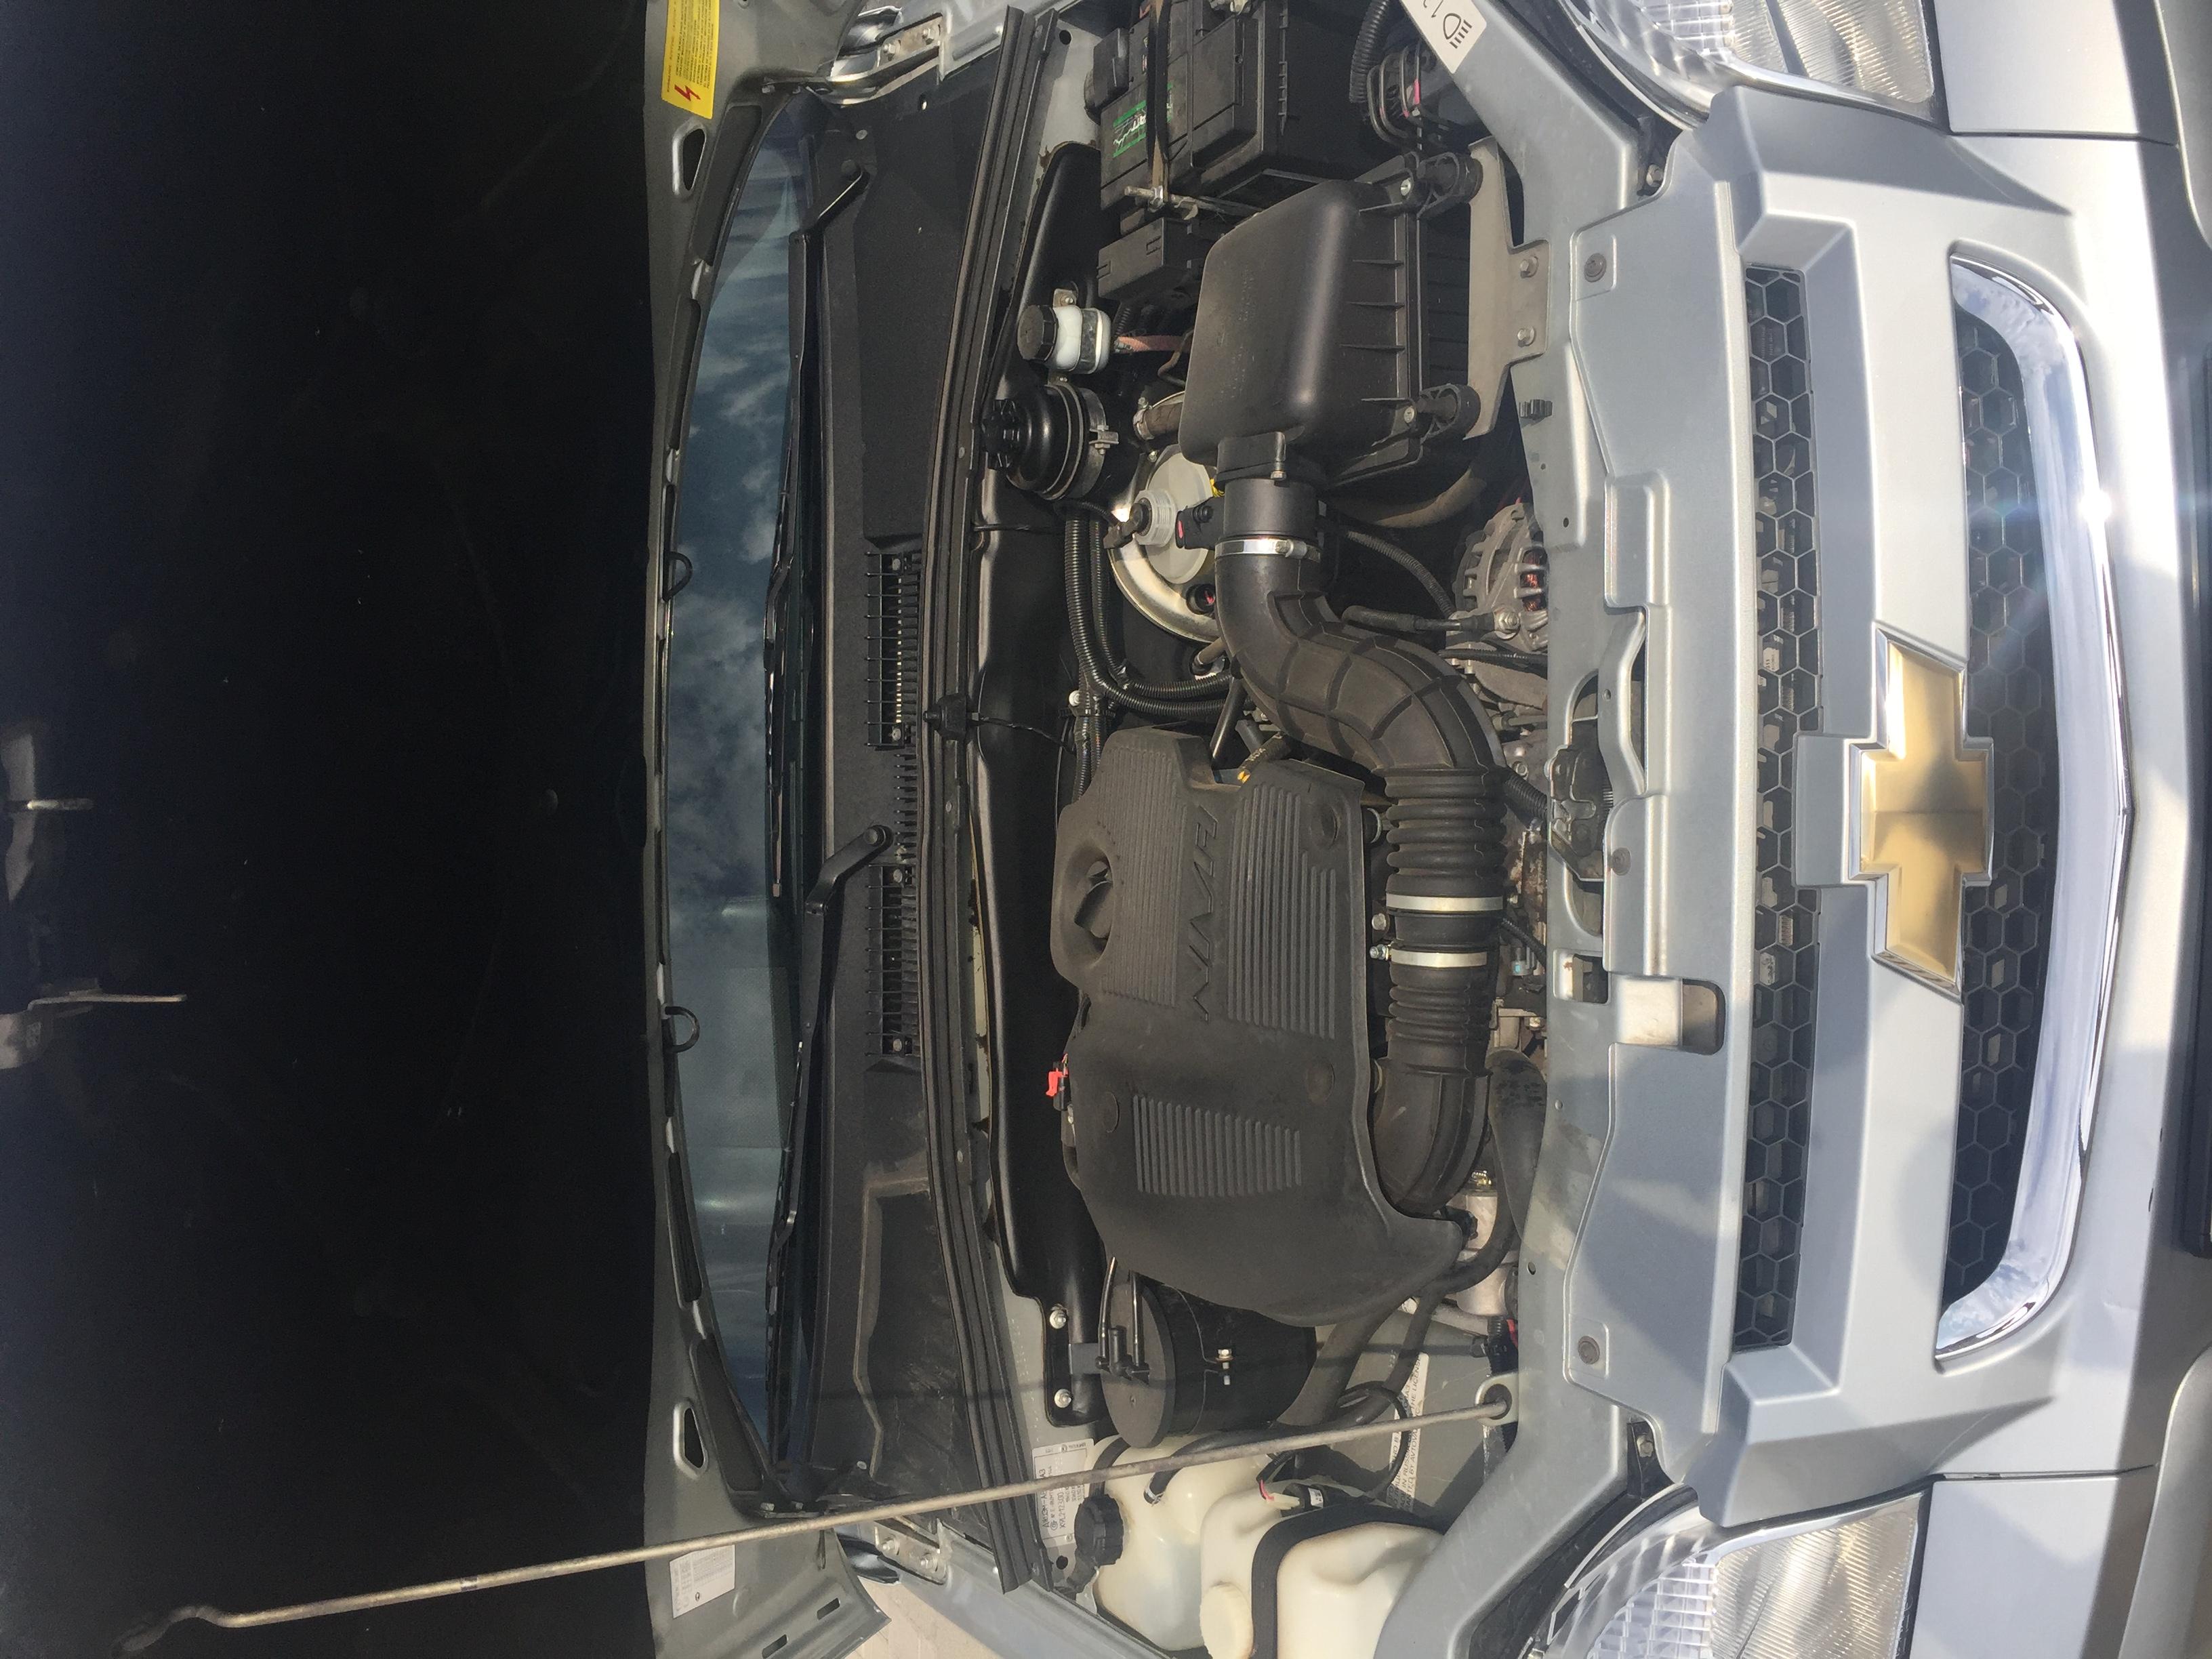 Chevrolet Niva 1.7(lt) 2014 İkinci əl  $17300